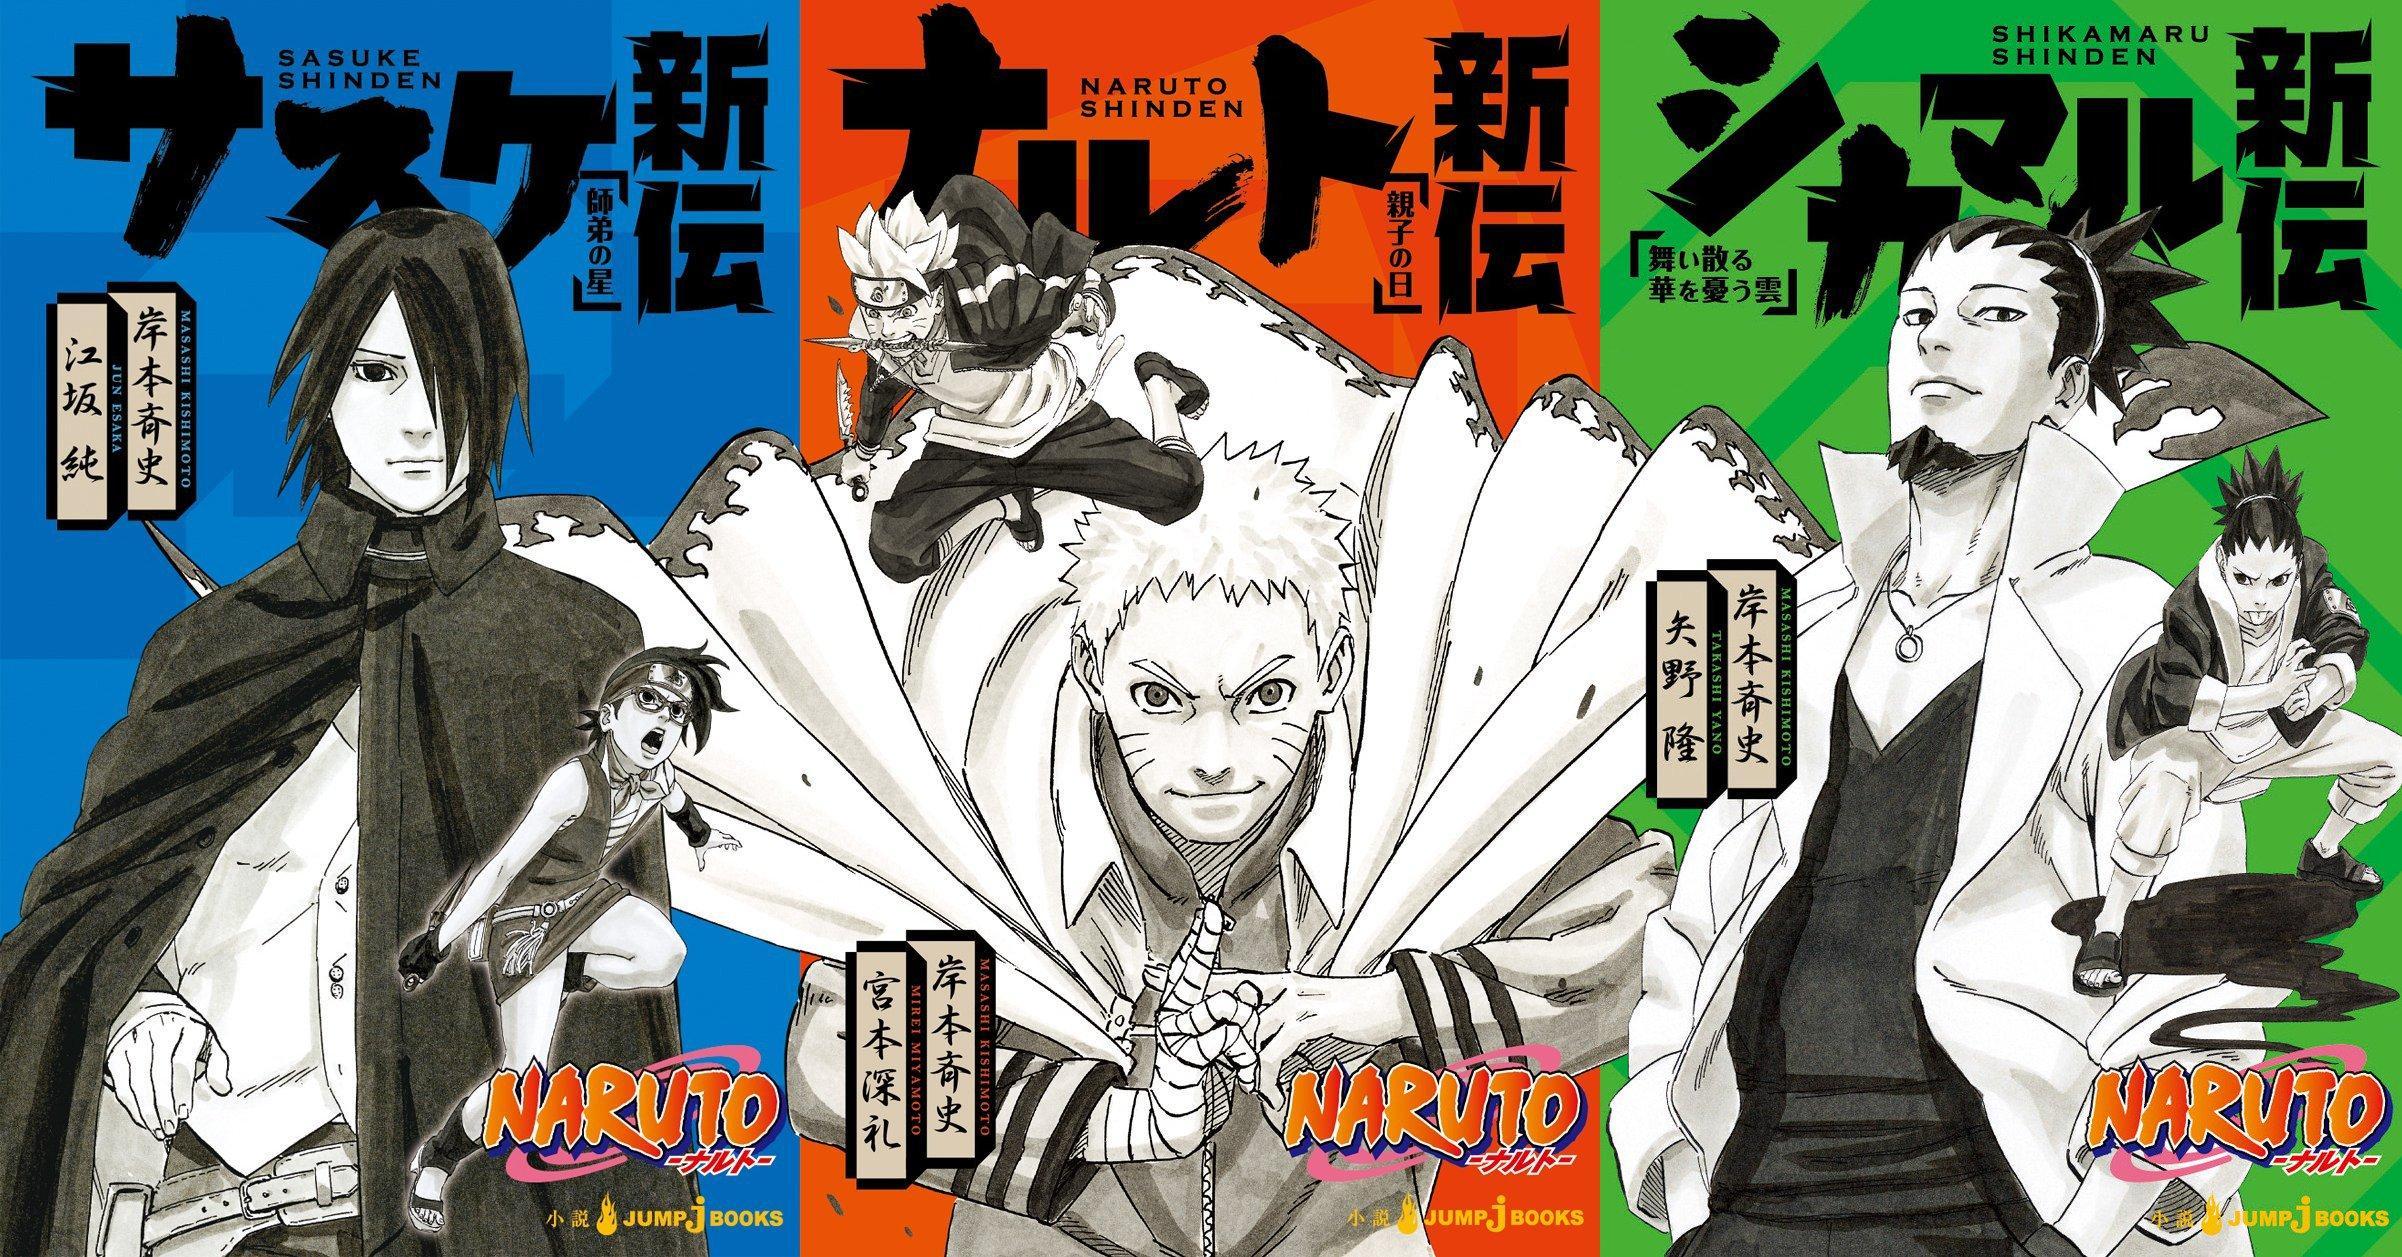 La serie di romanzi di Naruto Shinden diventerà una miniserie animata thumbnail